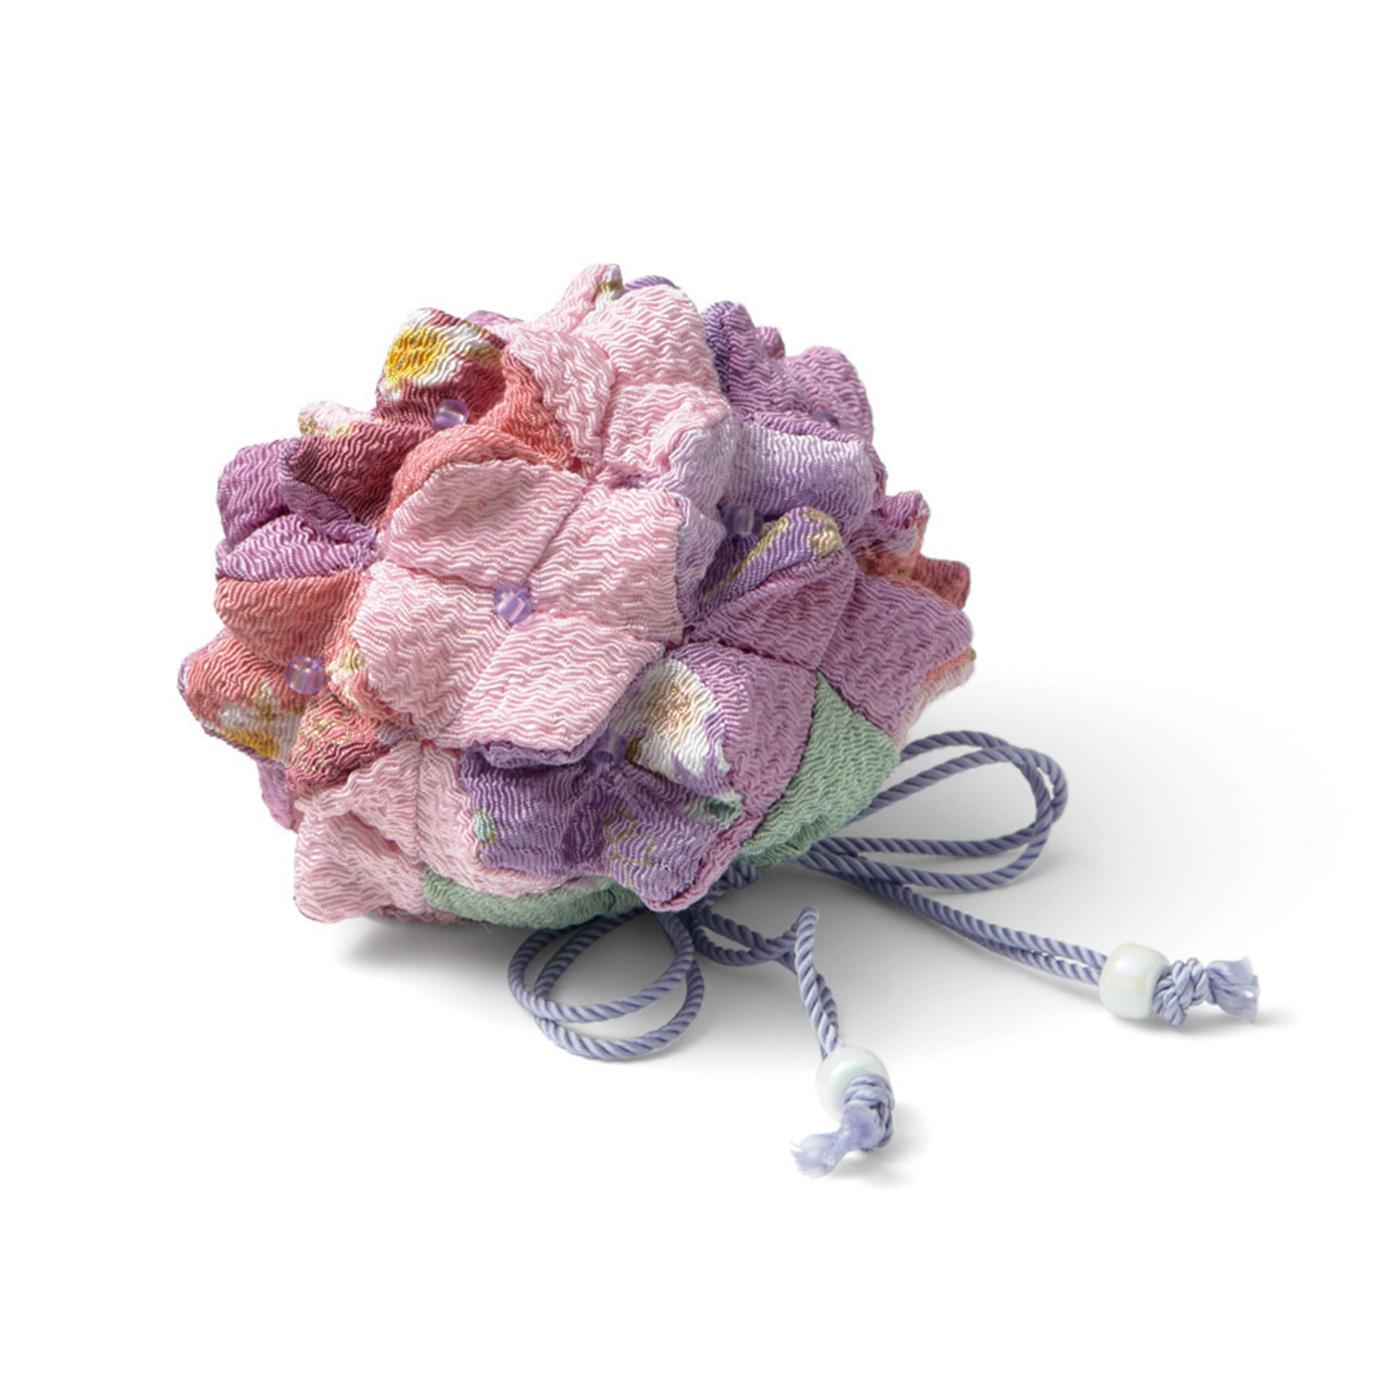 雨上がりの紫陽花(あじさい)